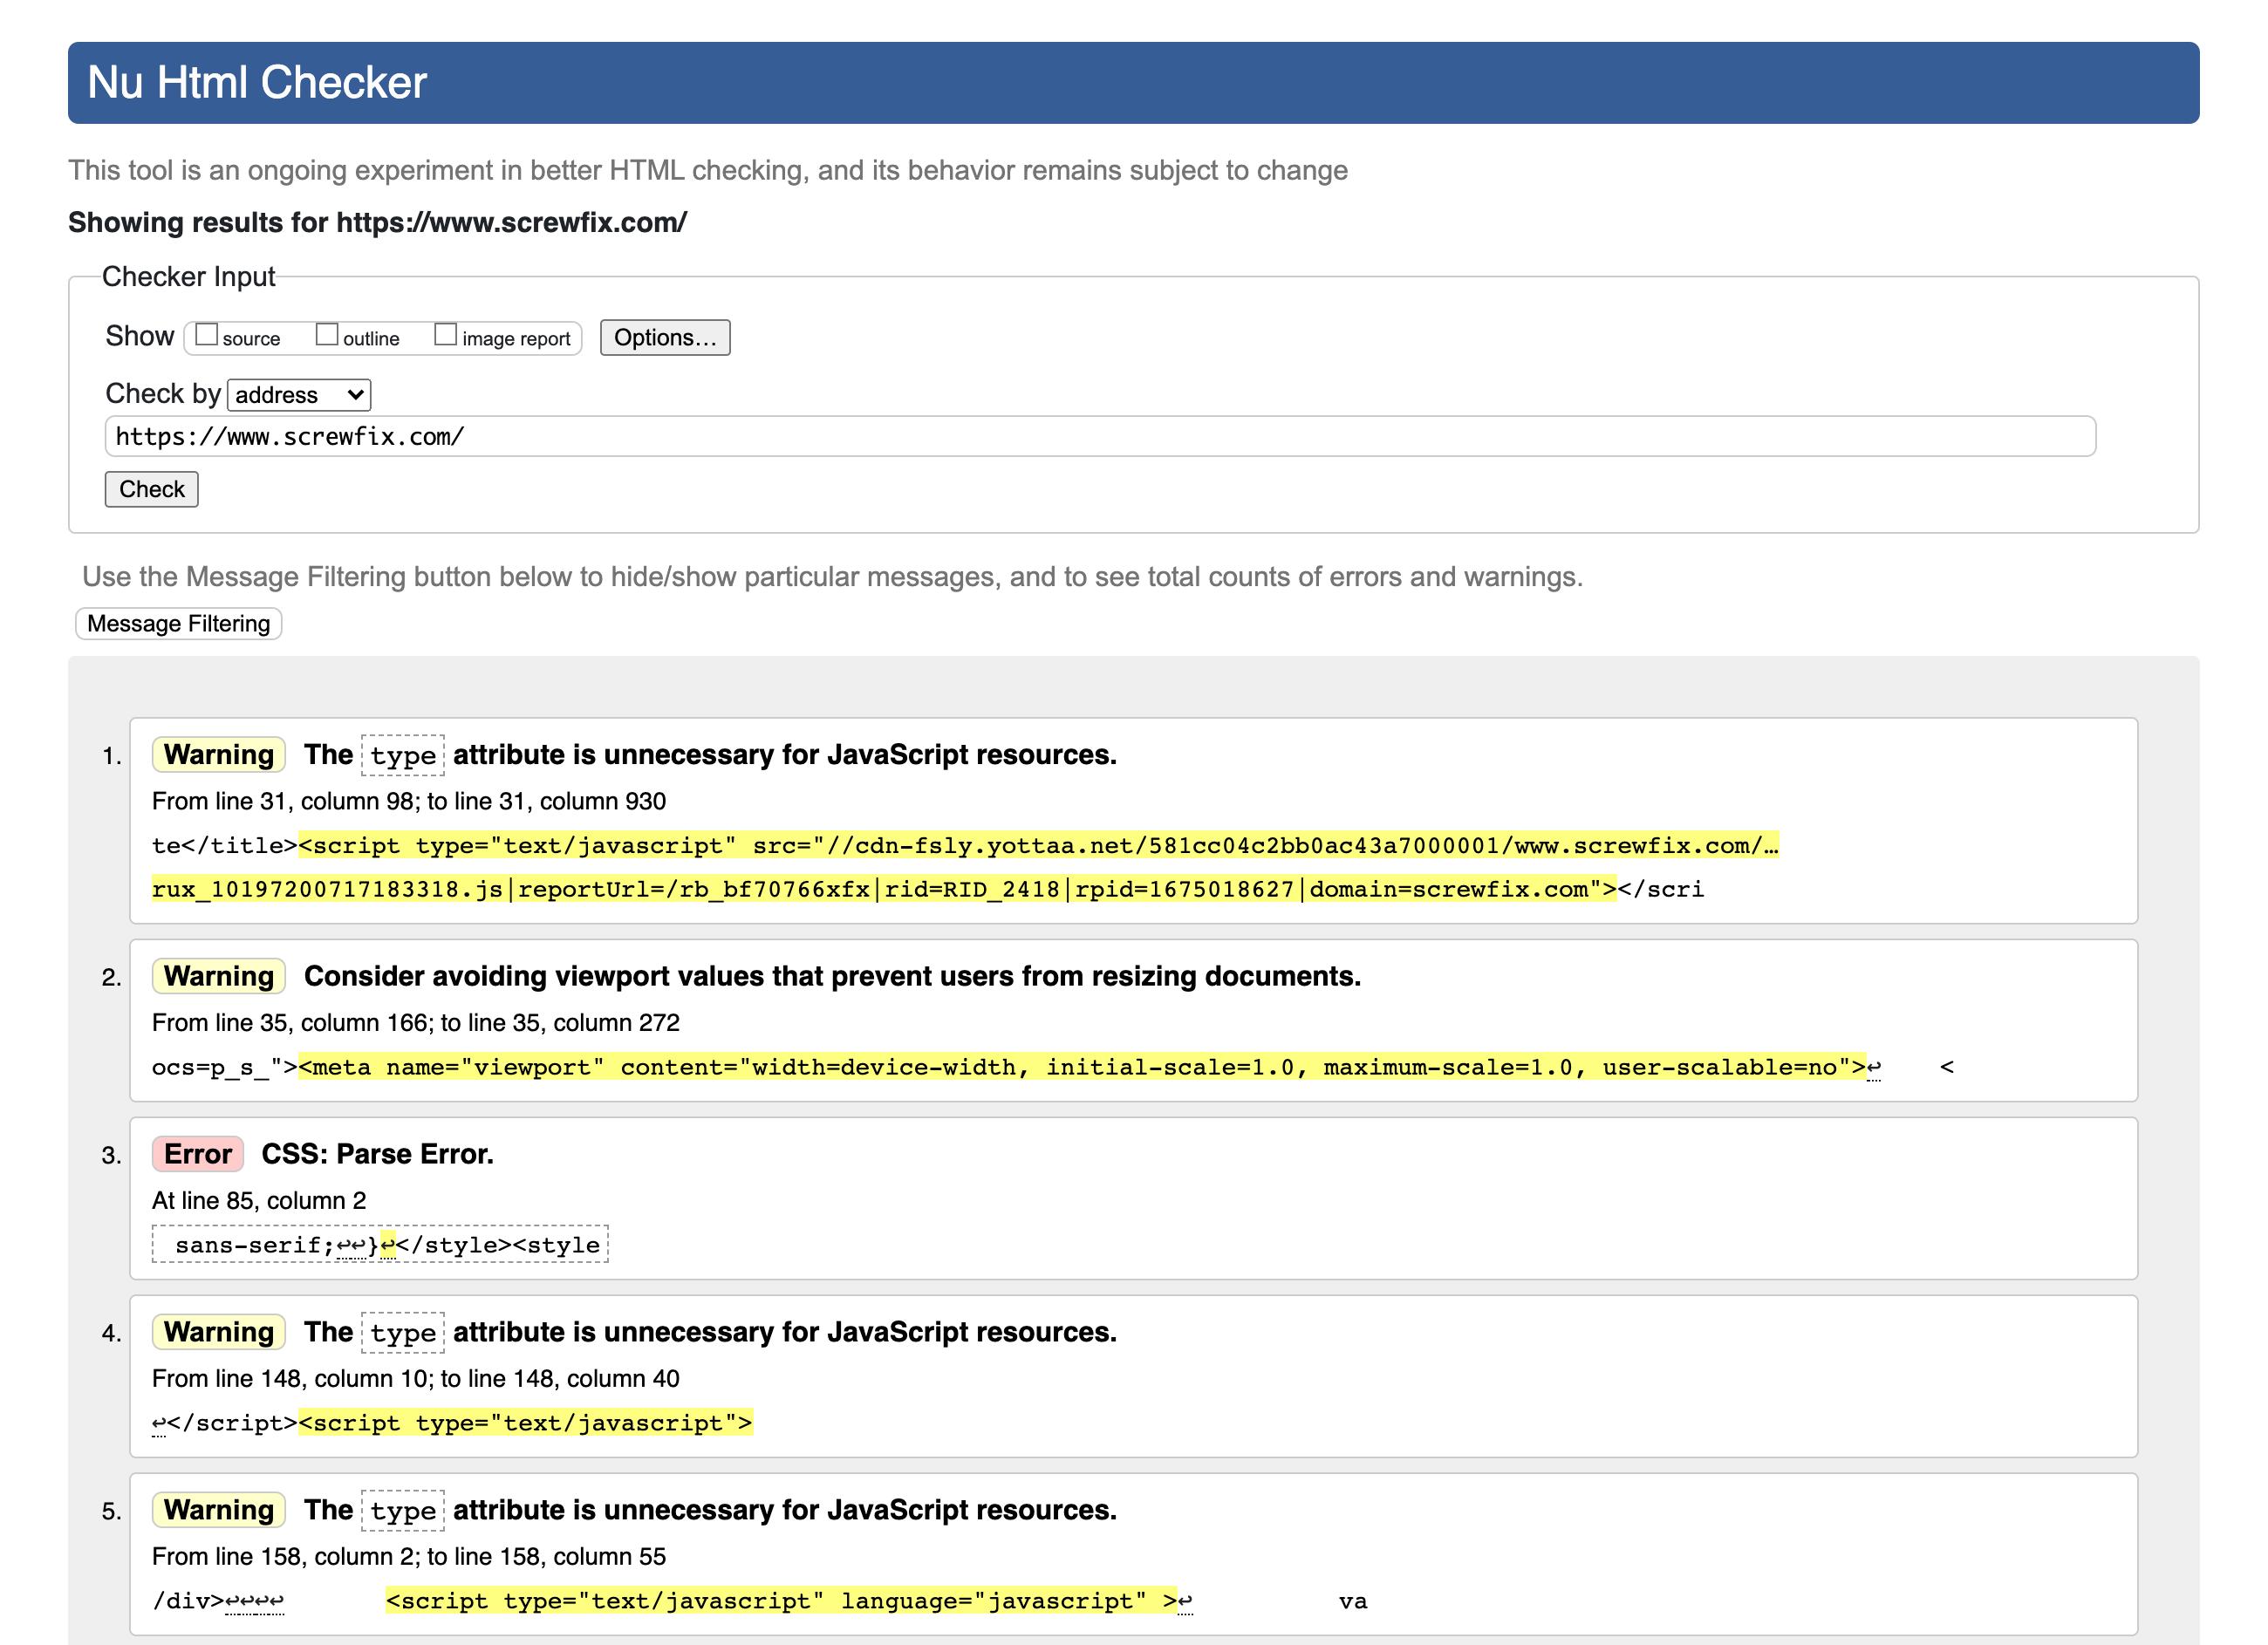 Zeigt die Validierungs-Ergebnisse für die Domain screwfix.com auf der Seite validator.w3.org.